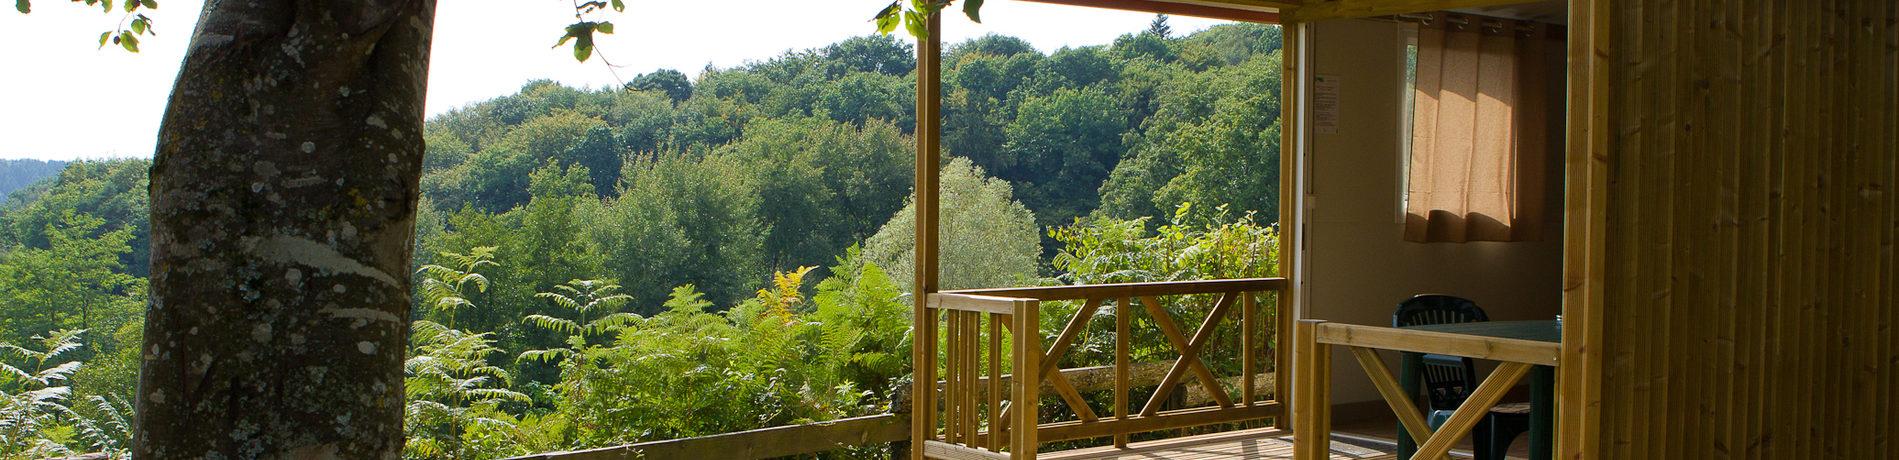 Camping L'Etang de la Fougeraie in Saint-Léger-de-Fougeret is een landelijke camping aan een meer in de mooie natuur van de Nièvre in de Bourgogne.